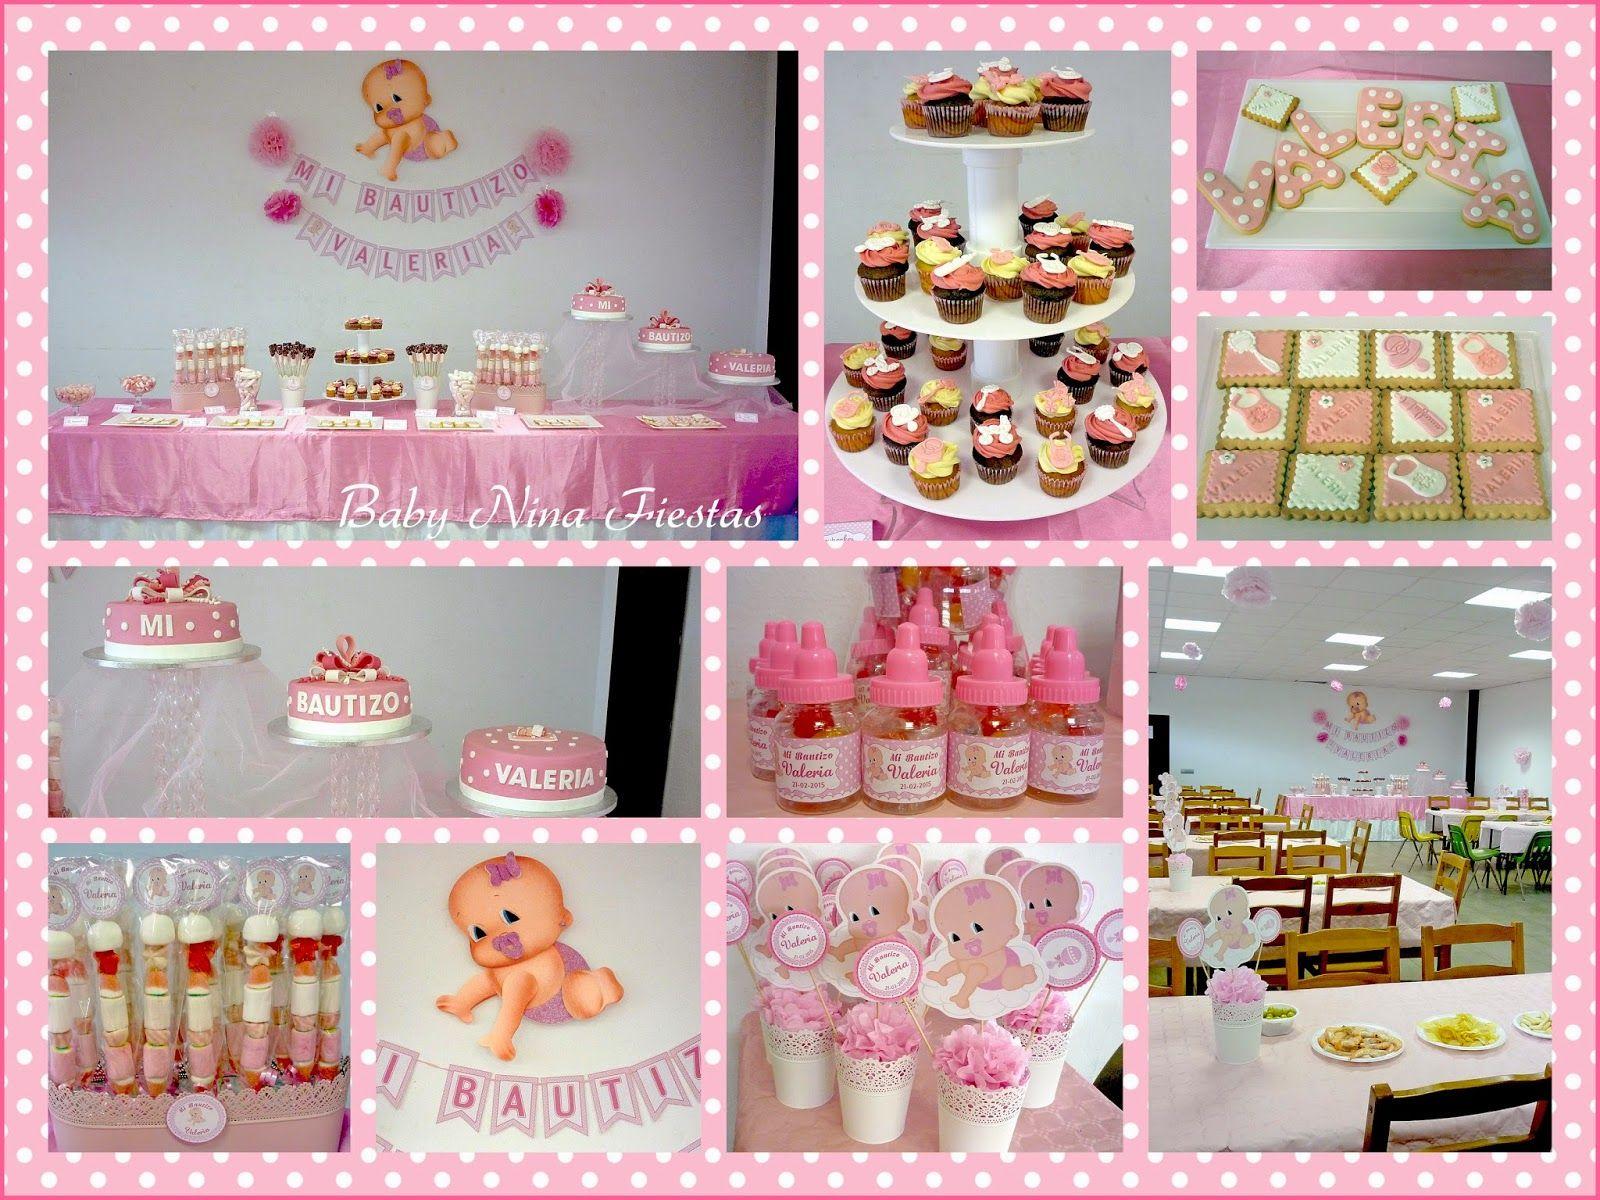 mesa dulce bautizo en rosa para valeria